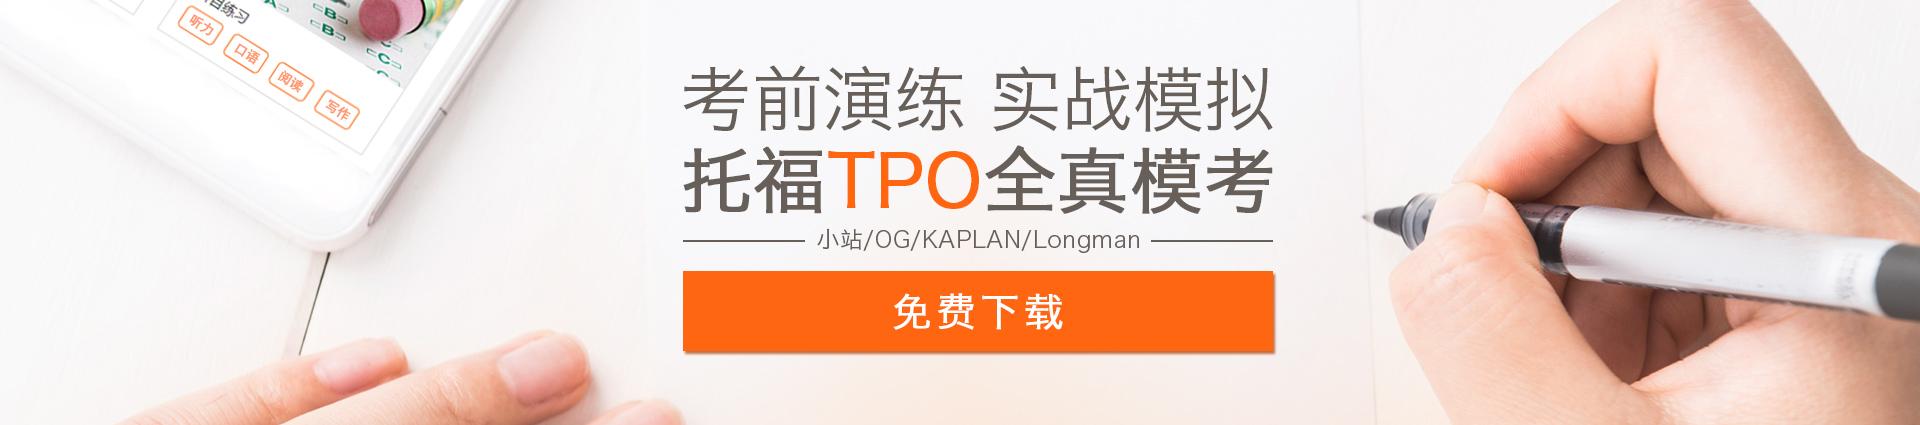 托福TPO模考软件